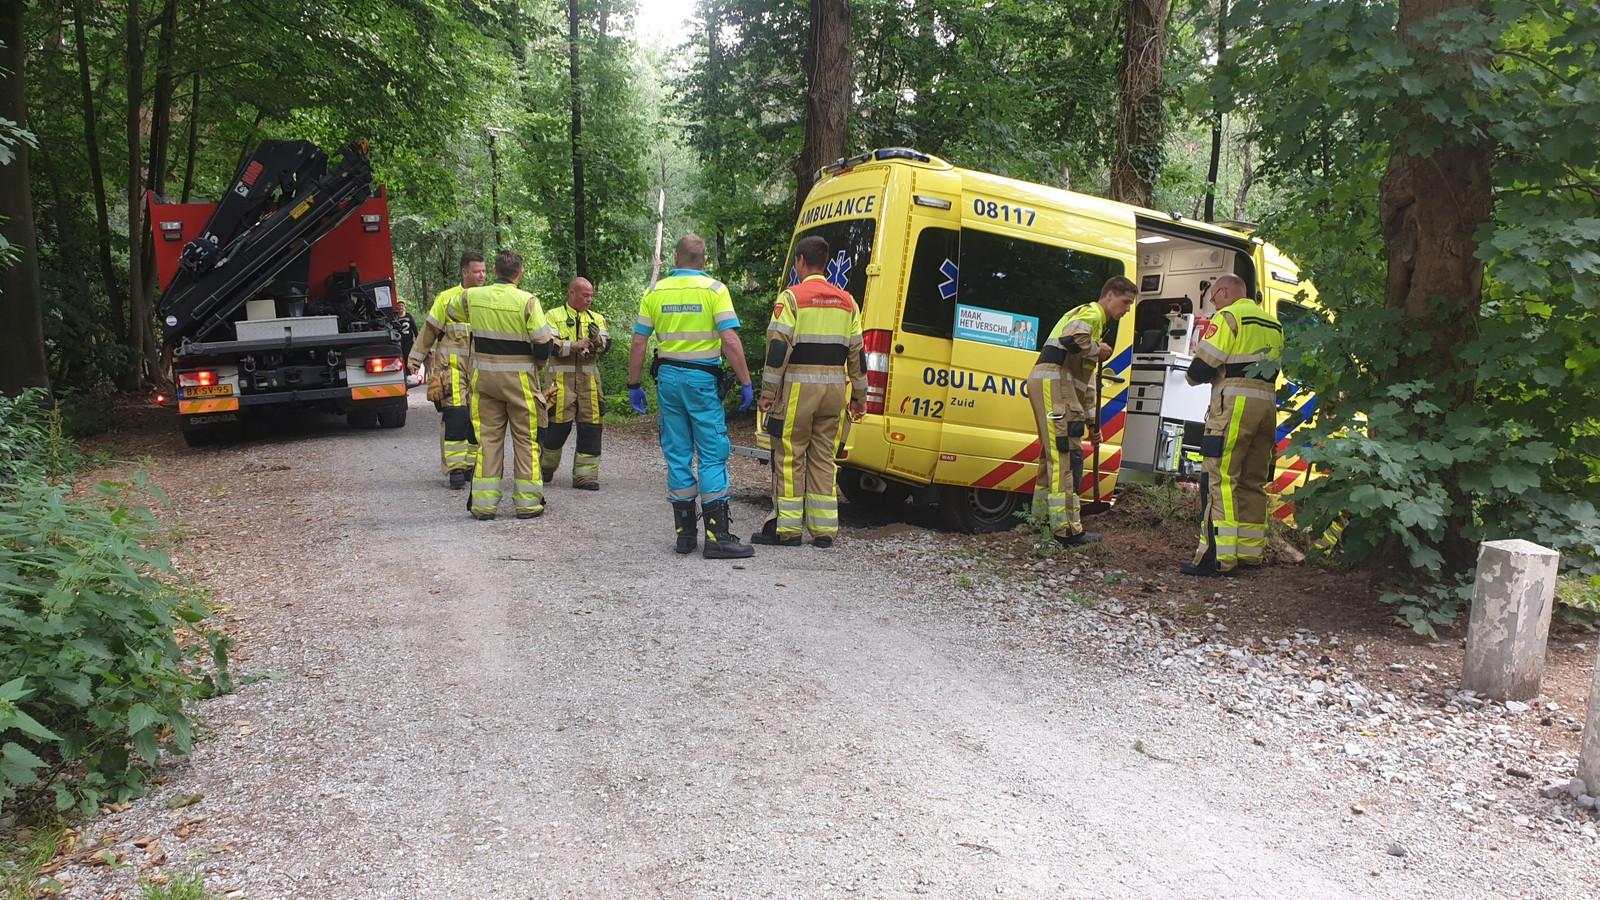 De ambulance reed zich vast in een bos in Groesbeek